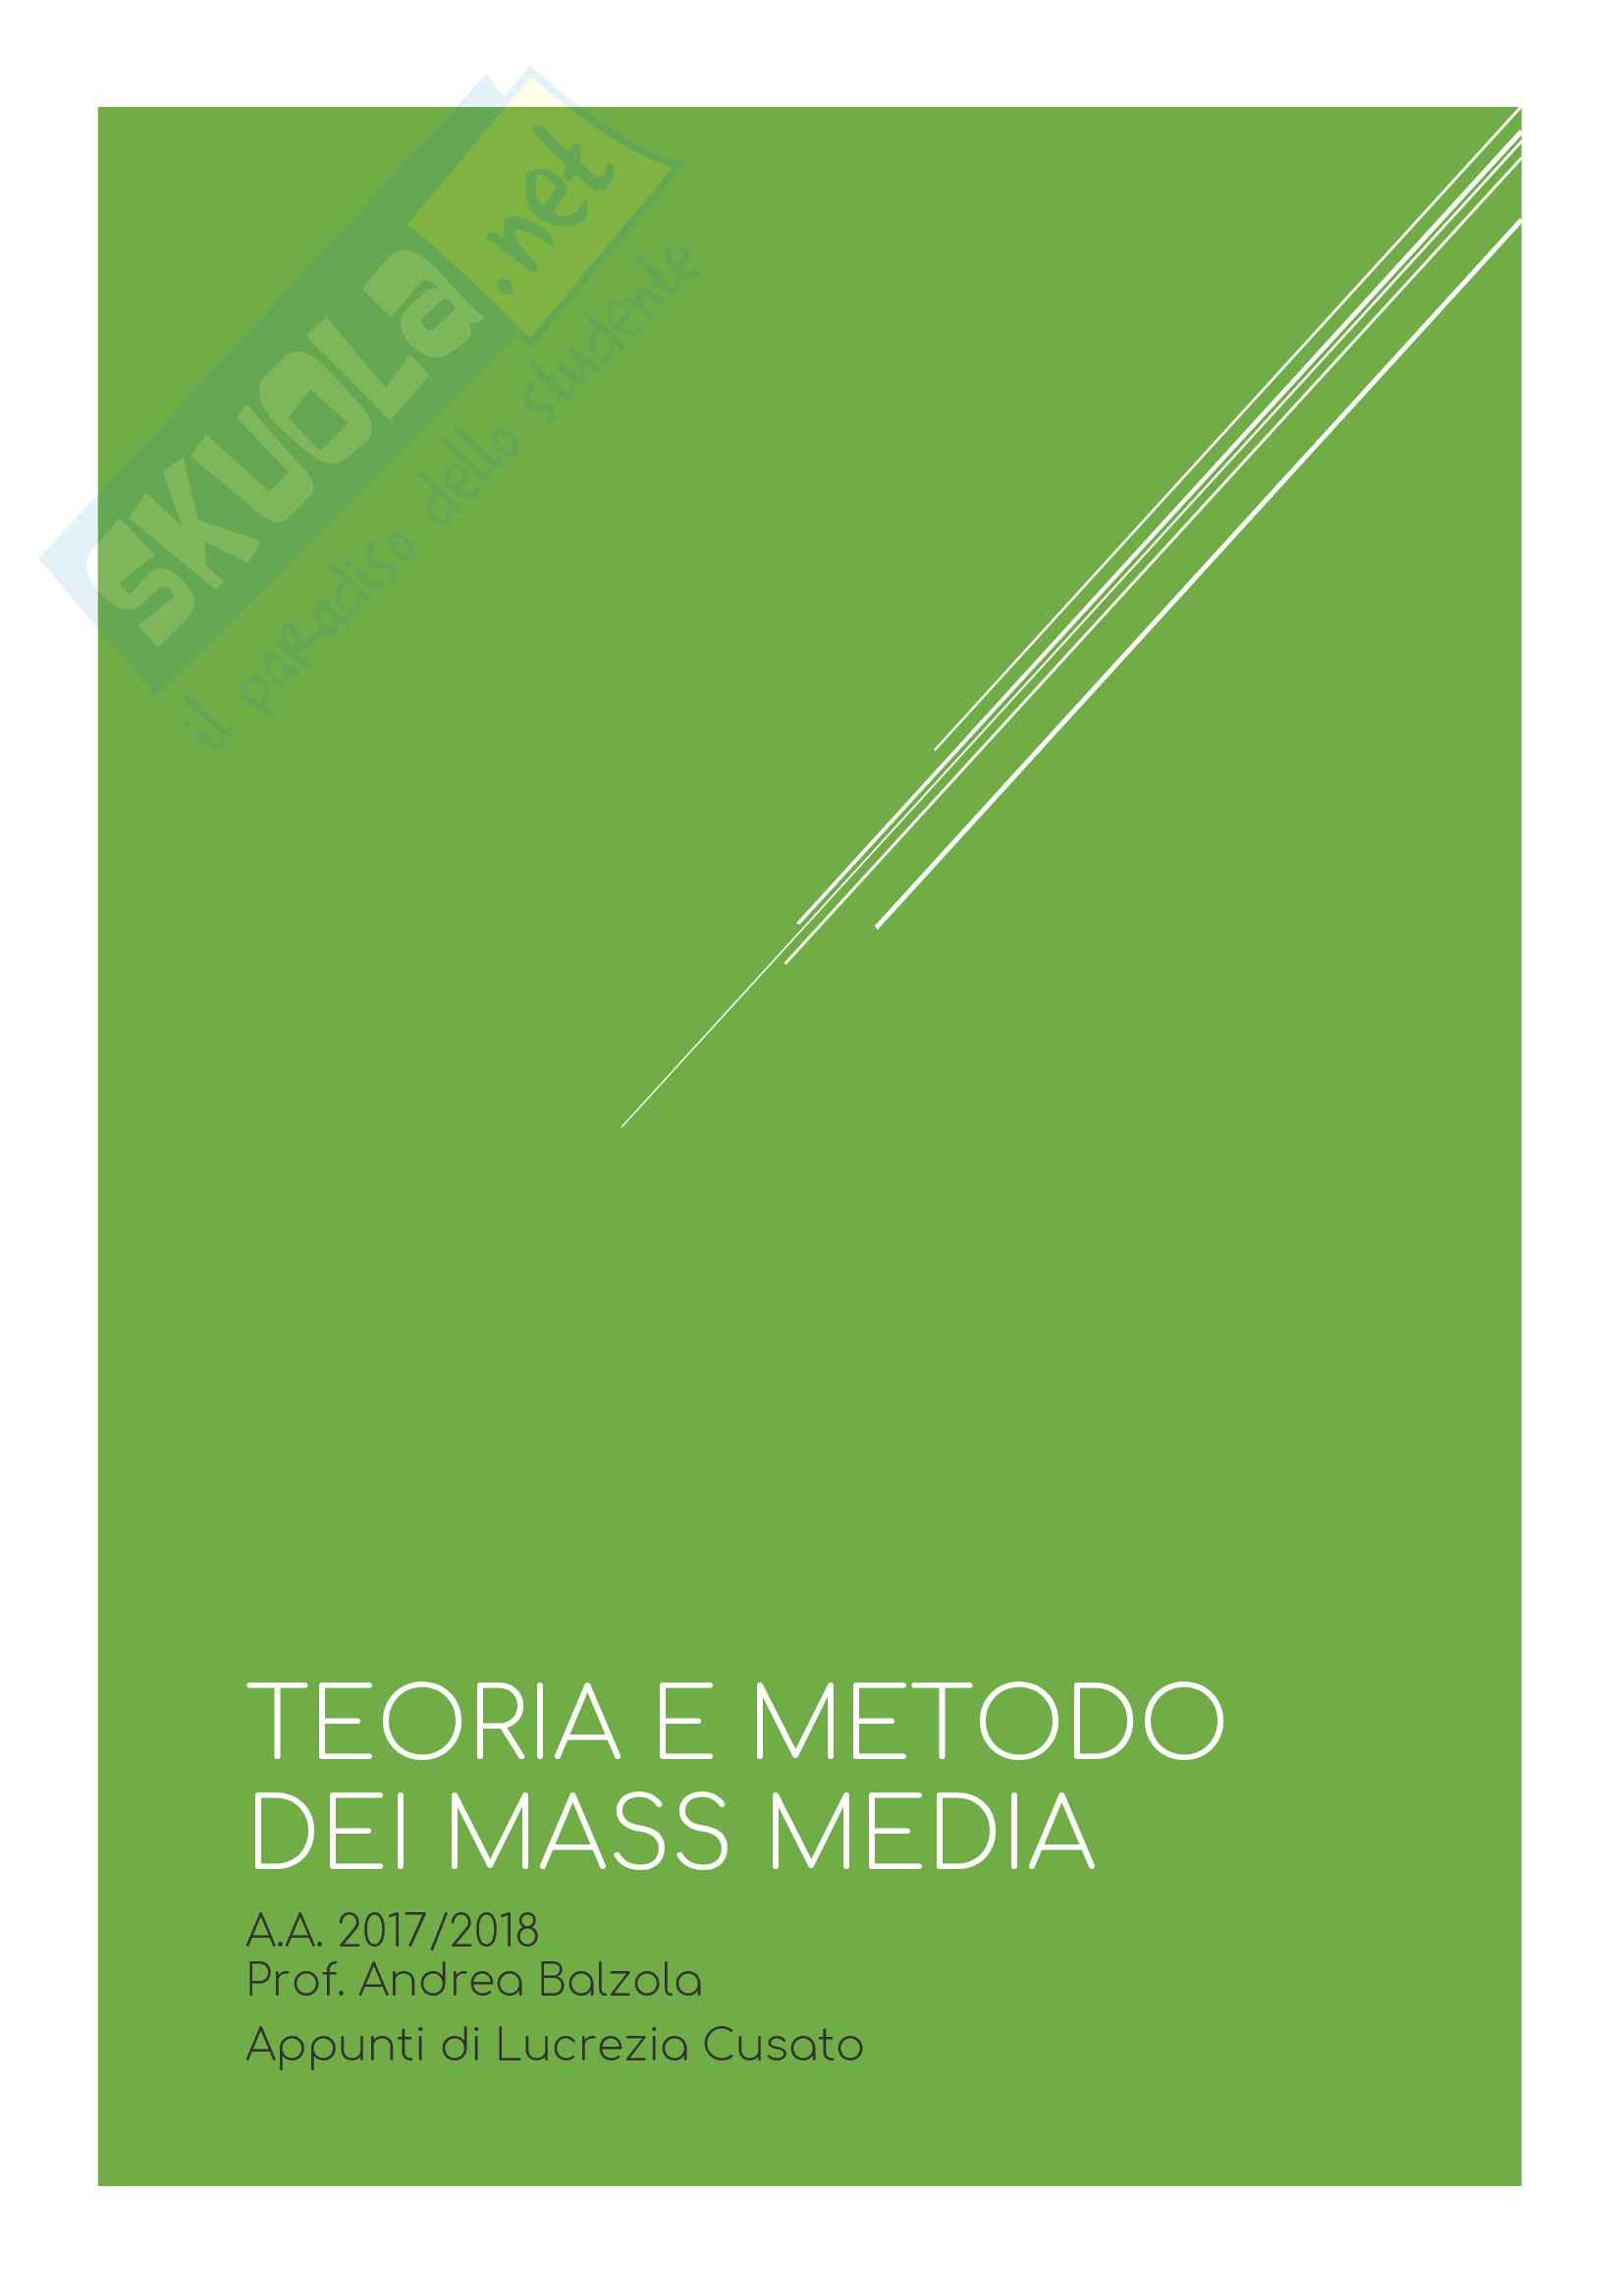 Riassunti di Teoria e metodo dei mass media